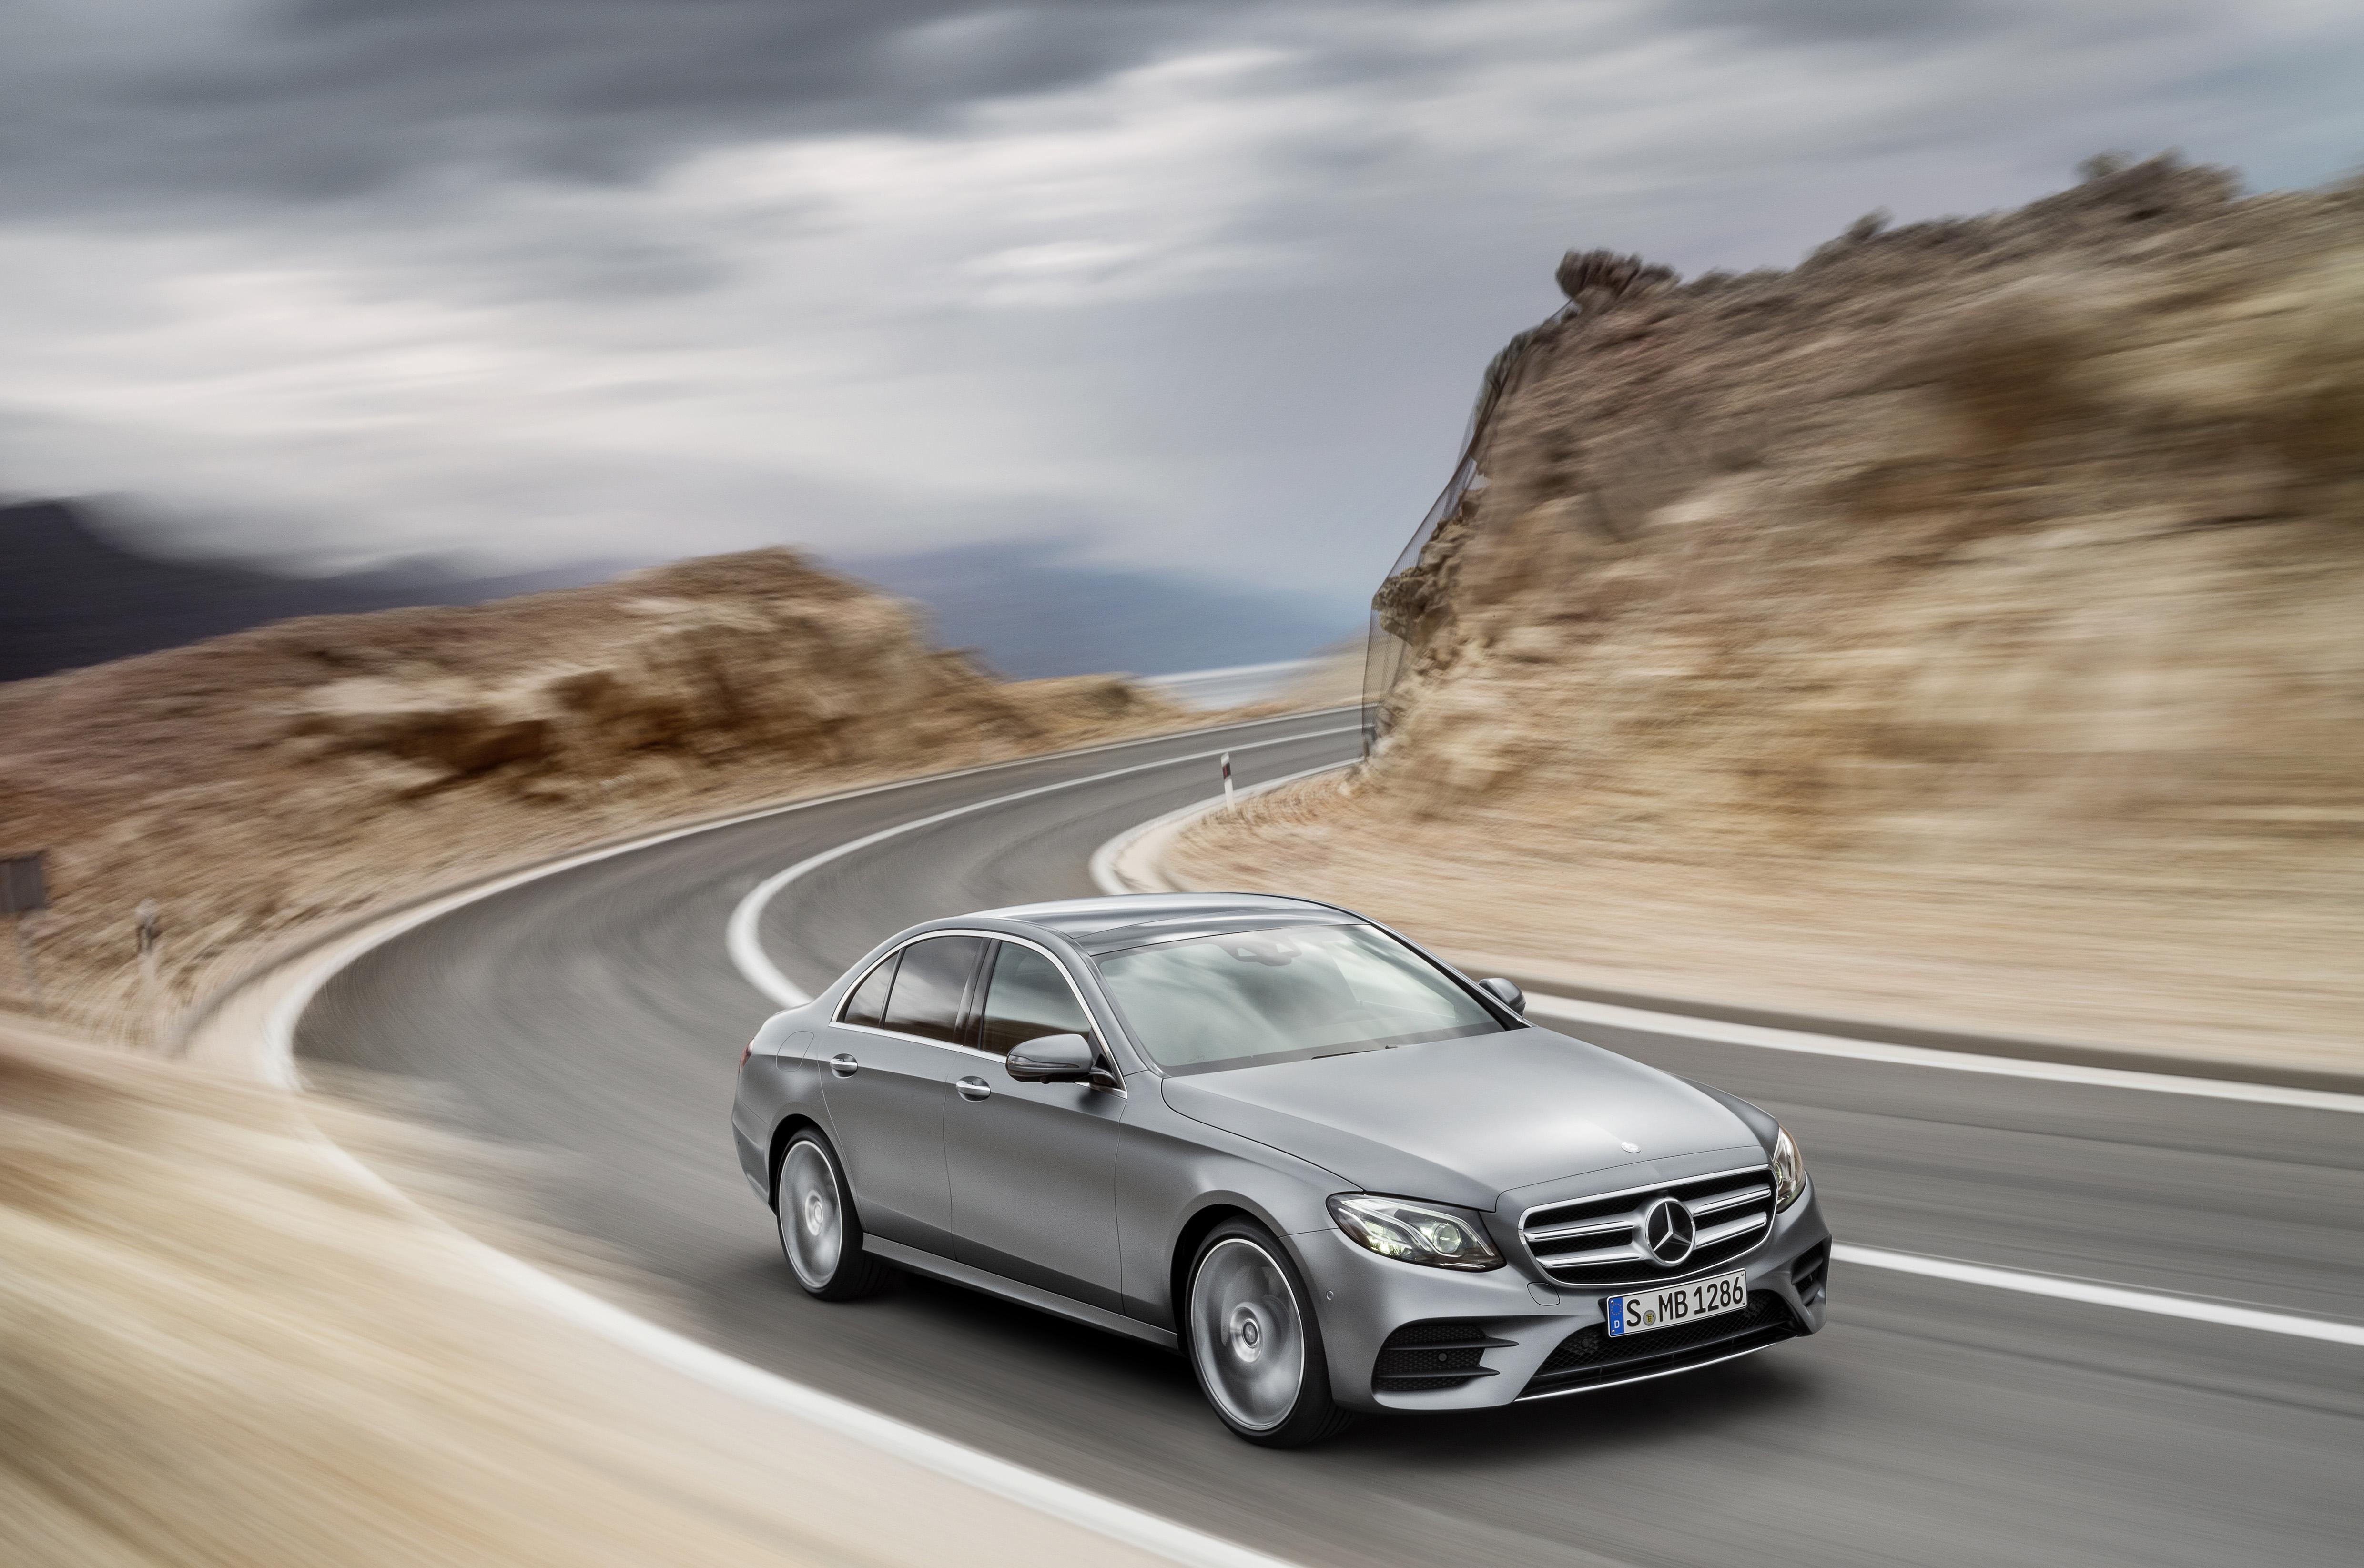 Mercedes Benz E Kle Limousine W 213 2016